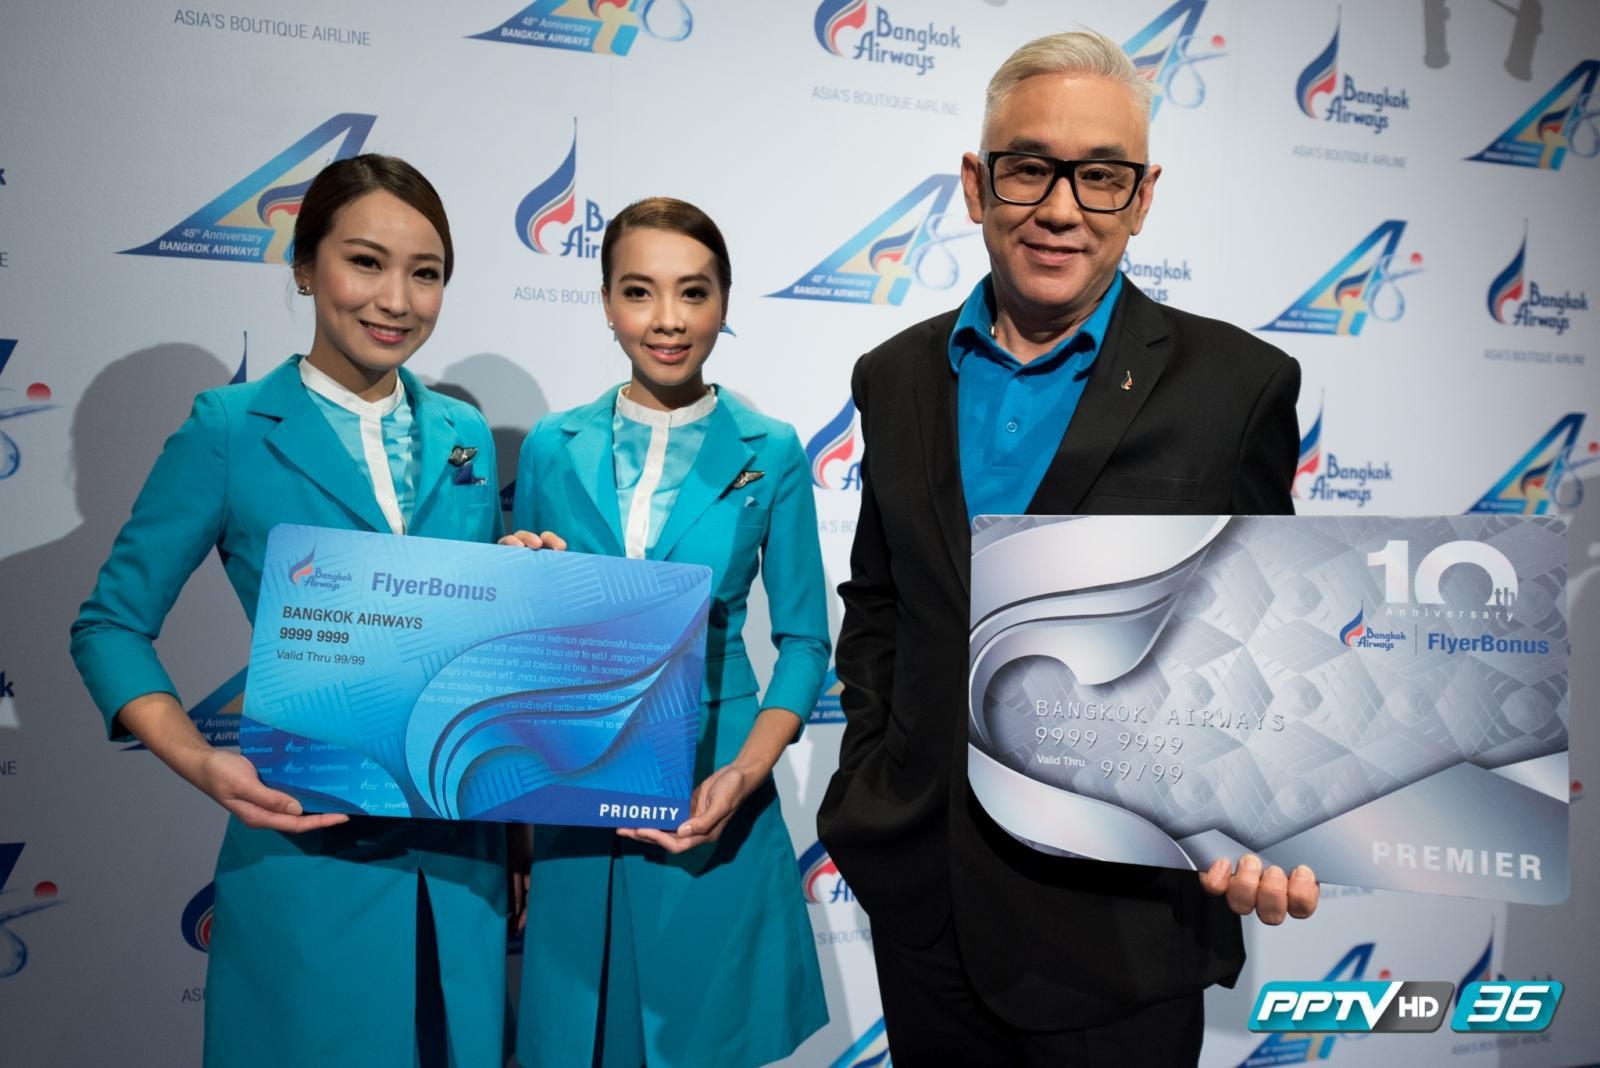 บางกอกแอร์เวย์ส จับมือรัฐส่งเสริมการท่องเที่ยวไทย-อาเซียน